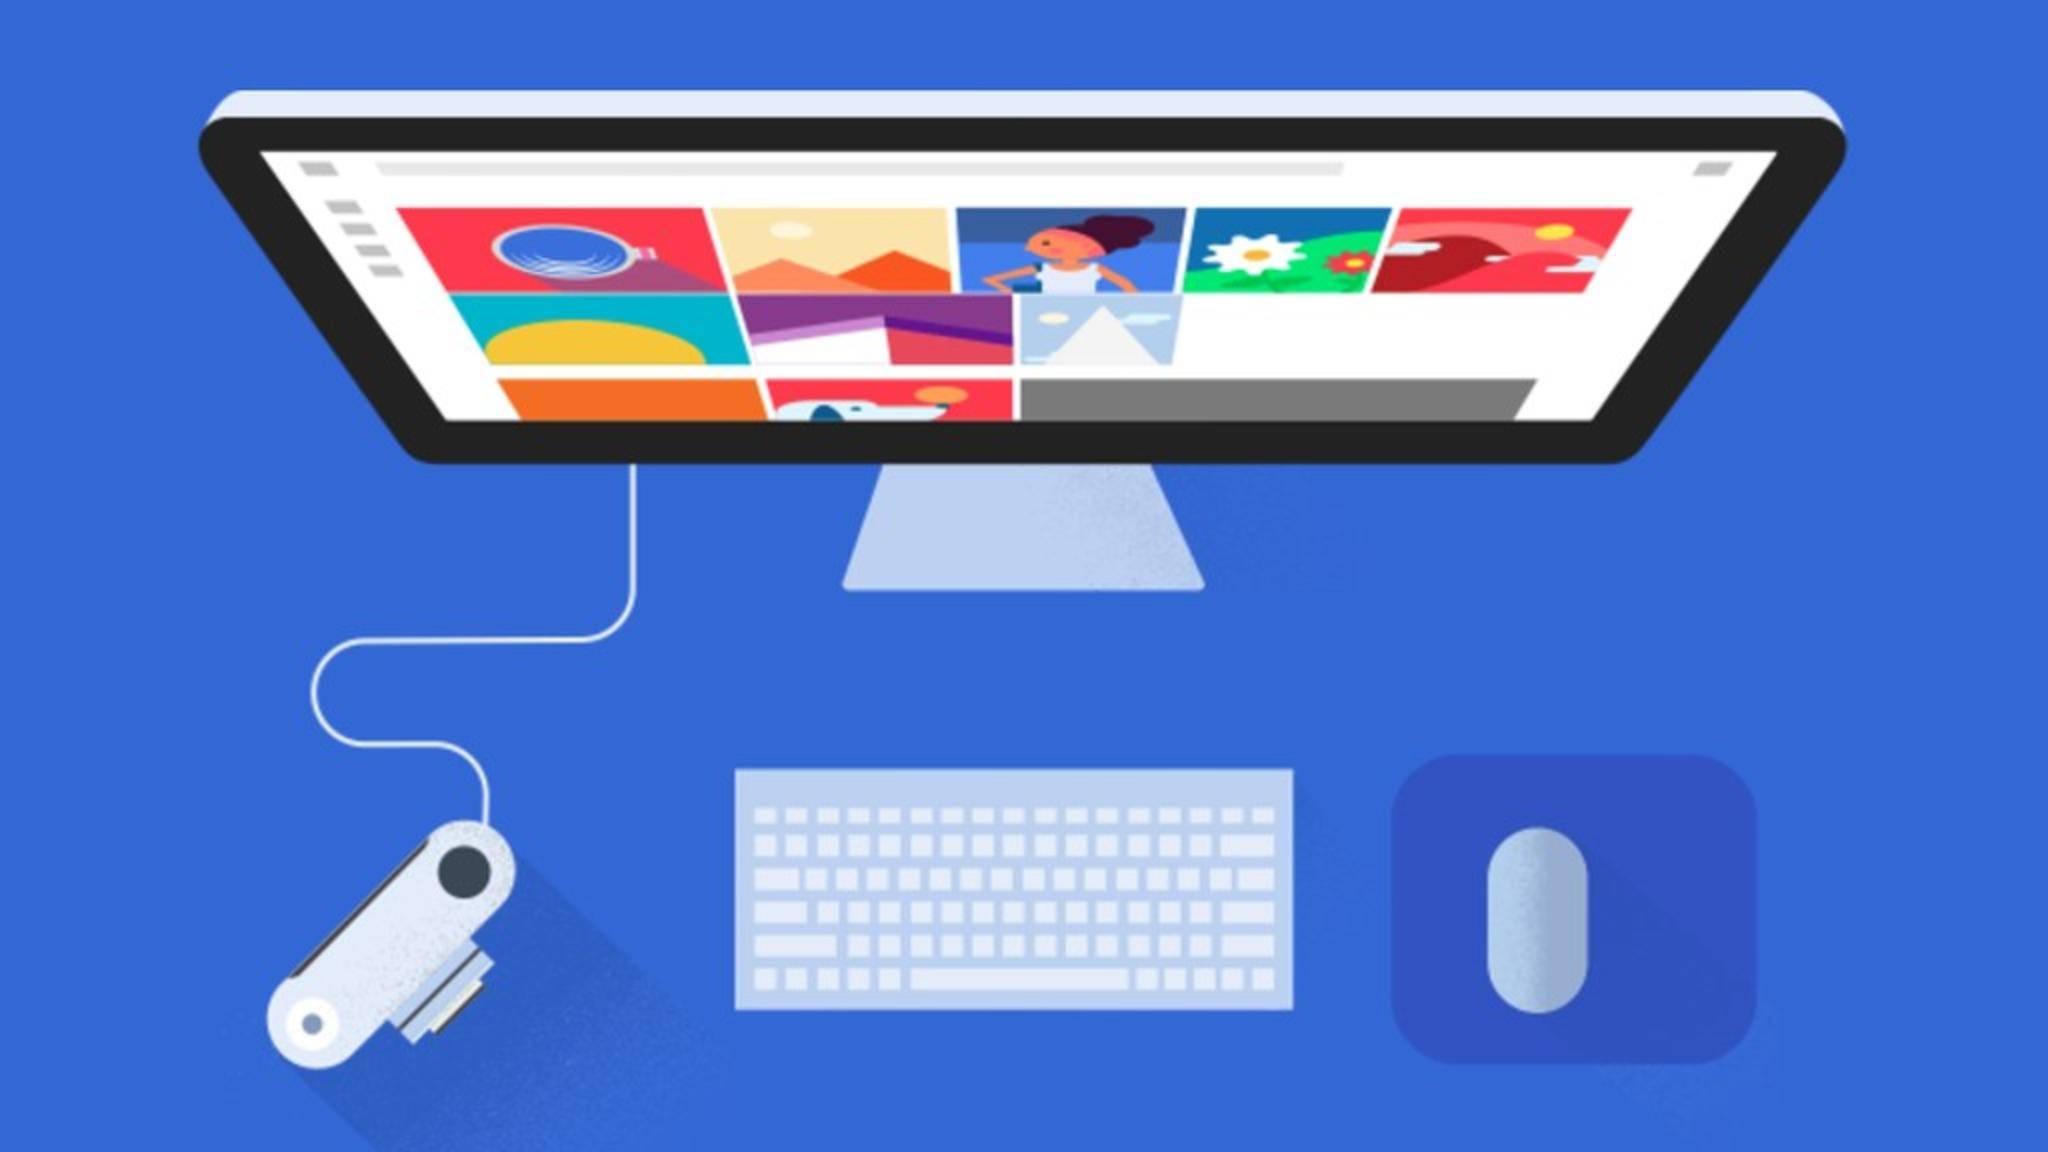 Google Fotos arbeitet bereits stark mit KI-Technologie - und nimmt dem Nutzer viel Arbeit ab.